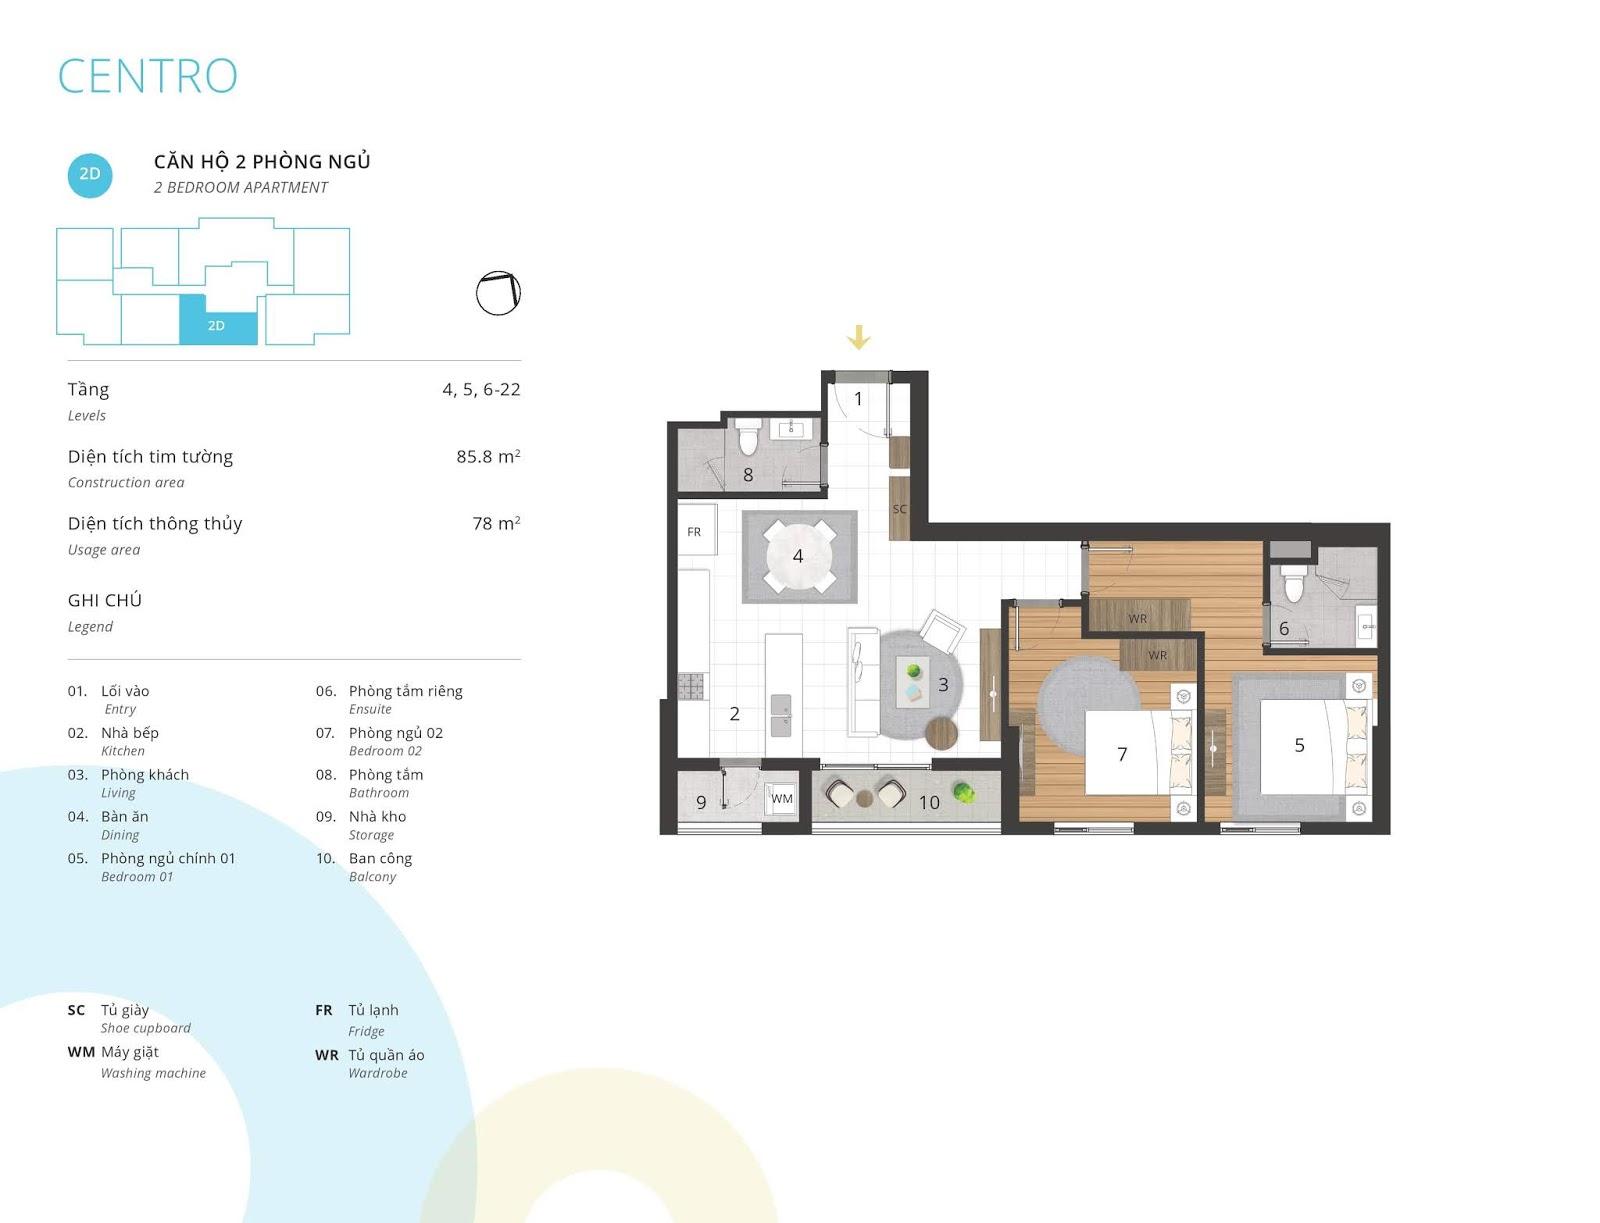 Mặt bằng căn hộ 2 phòng ngủ 78 m2 thông thủy tòa CENTRO